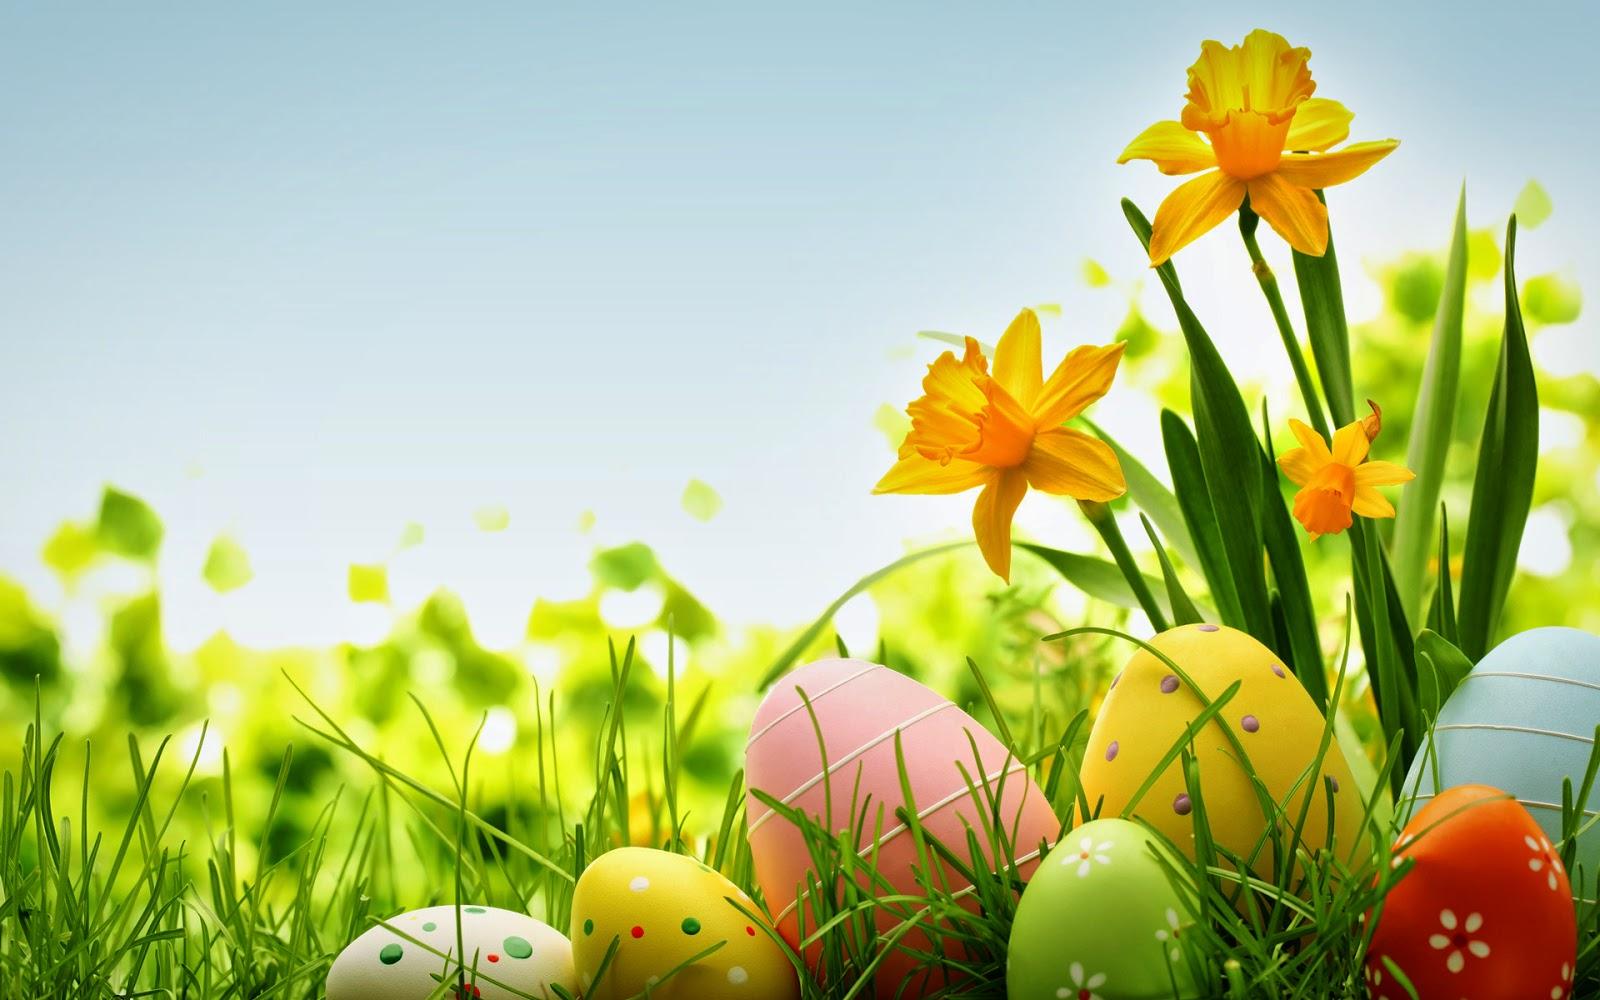 Greek Easter Greek Orthodox Easter Dates 2015 2016 | Caroldoey